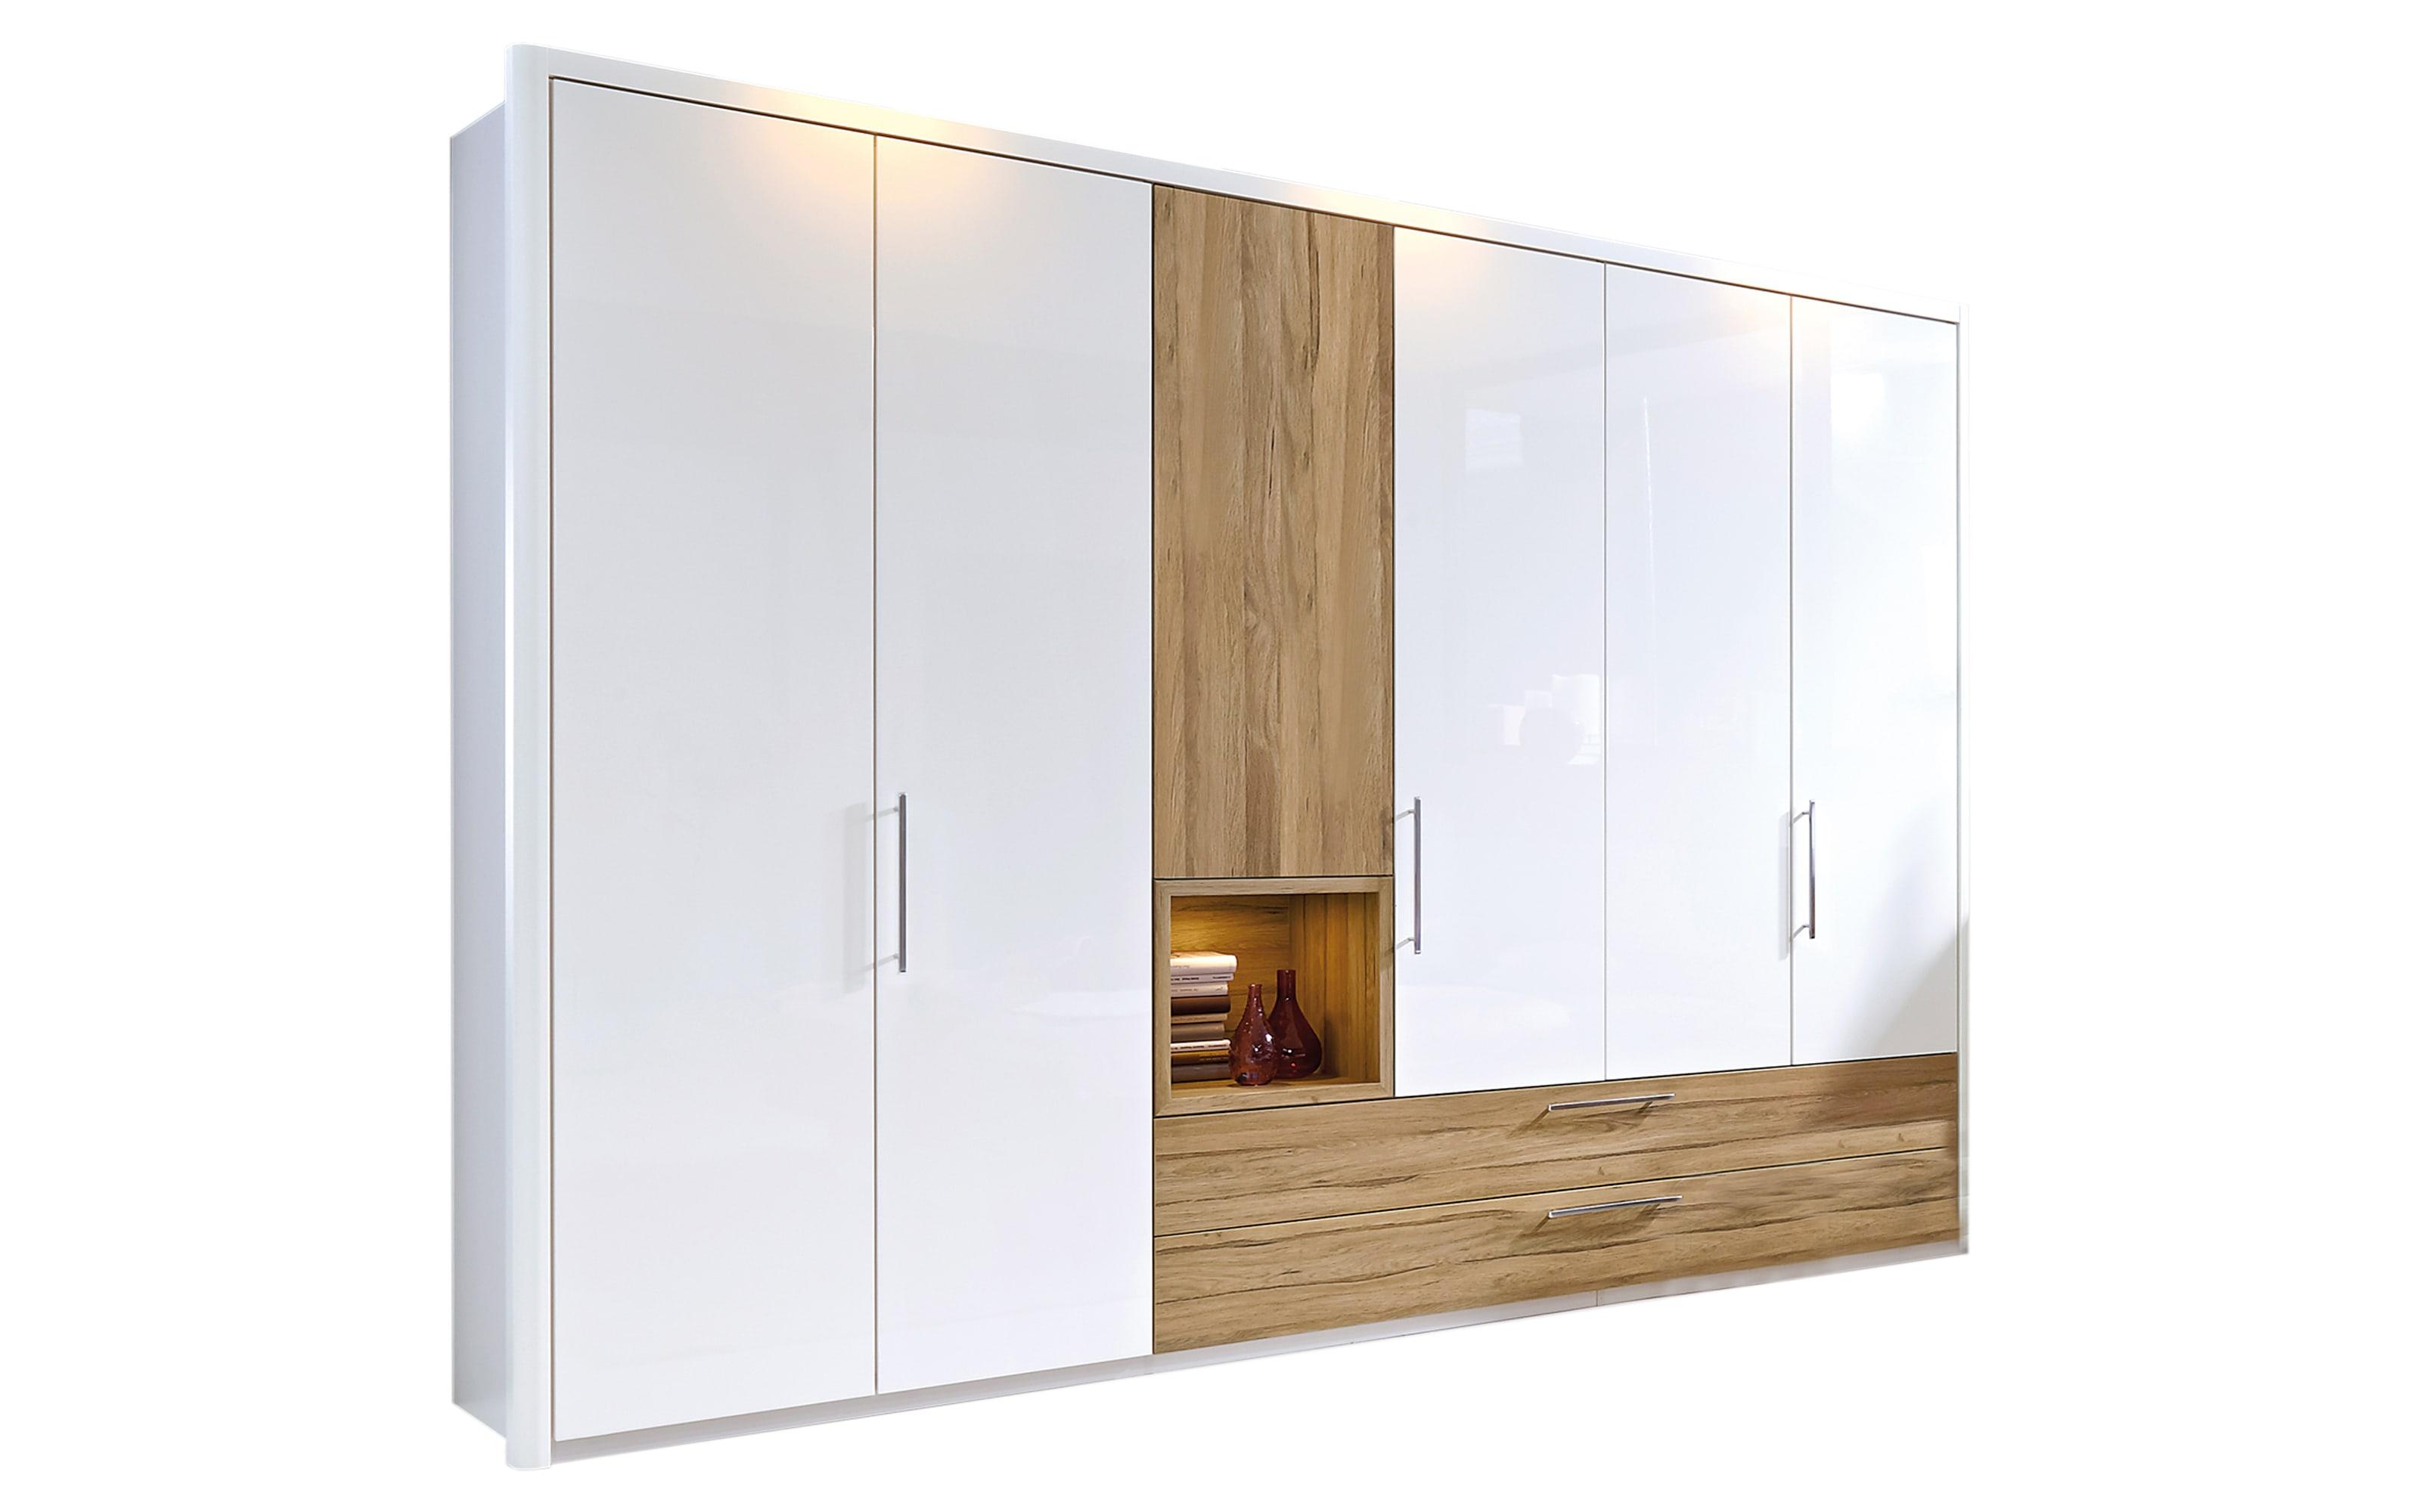 Kleiderschrank Zamaro in bianco weiß Hochglanz/Eiche-Nachbildung, Breite ca. 302 cm